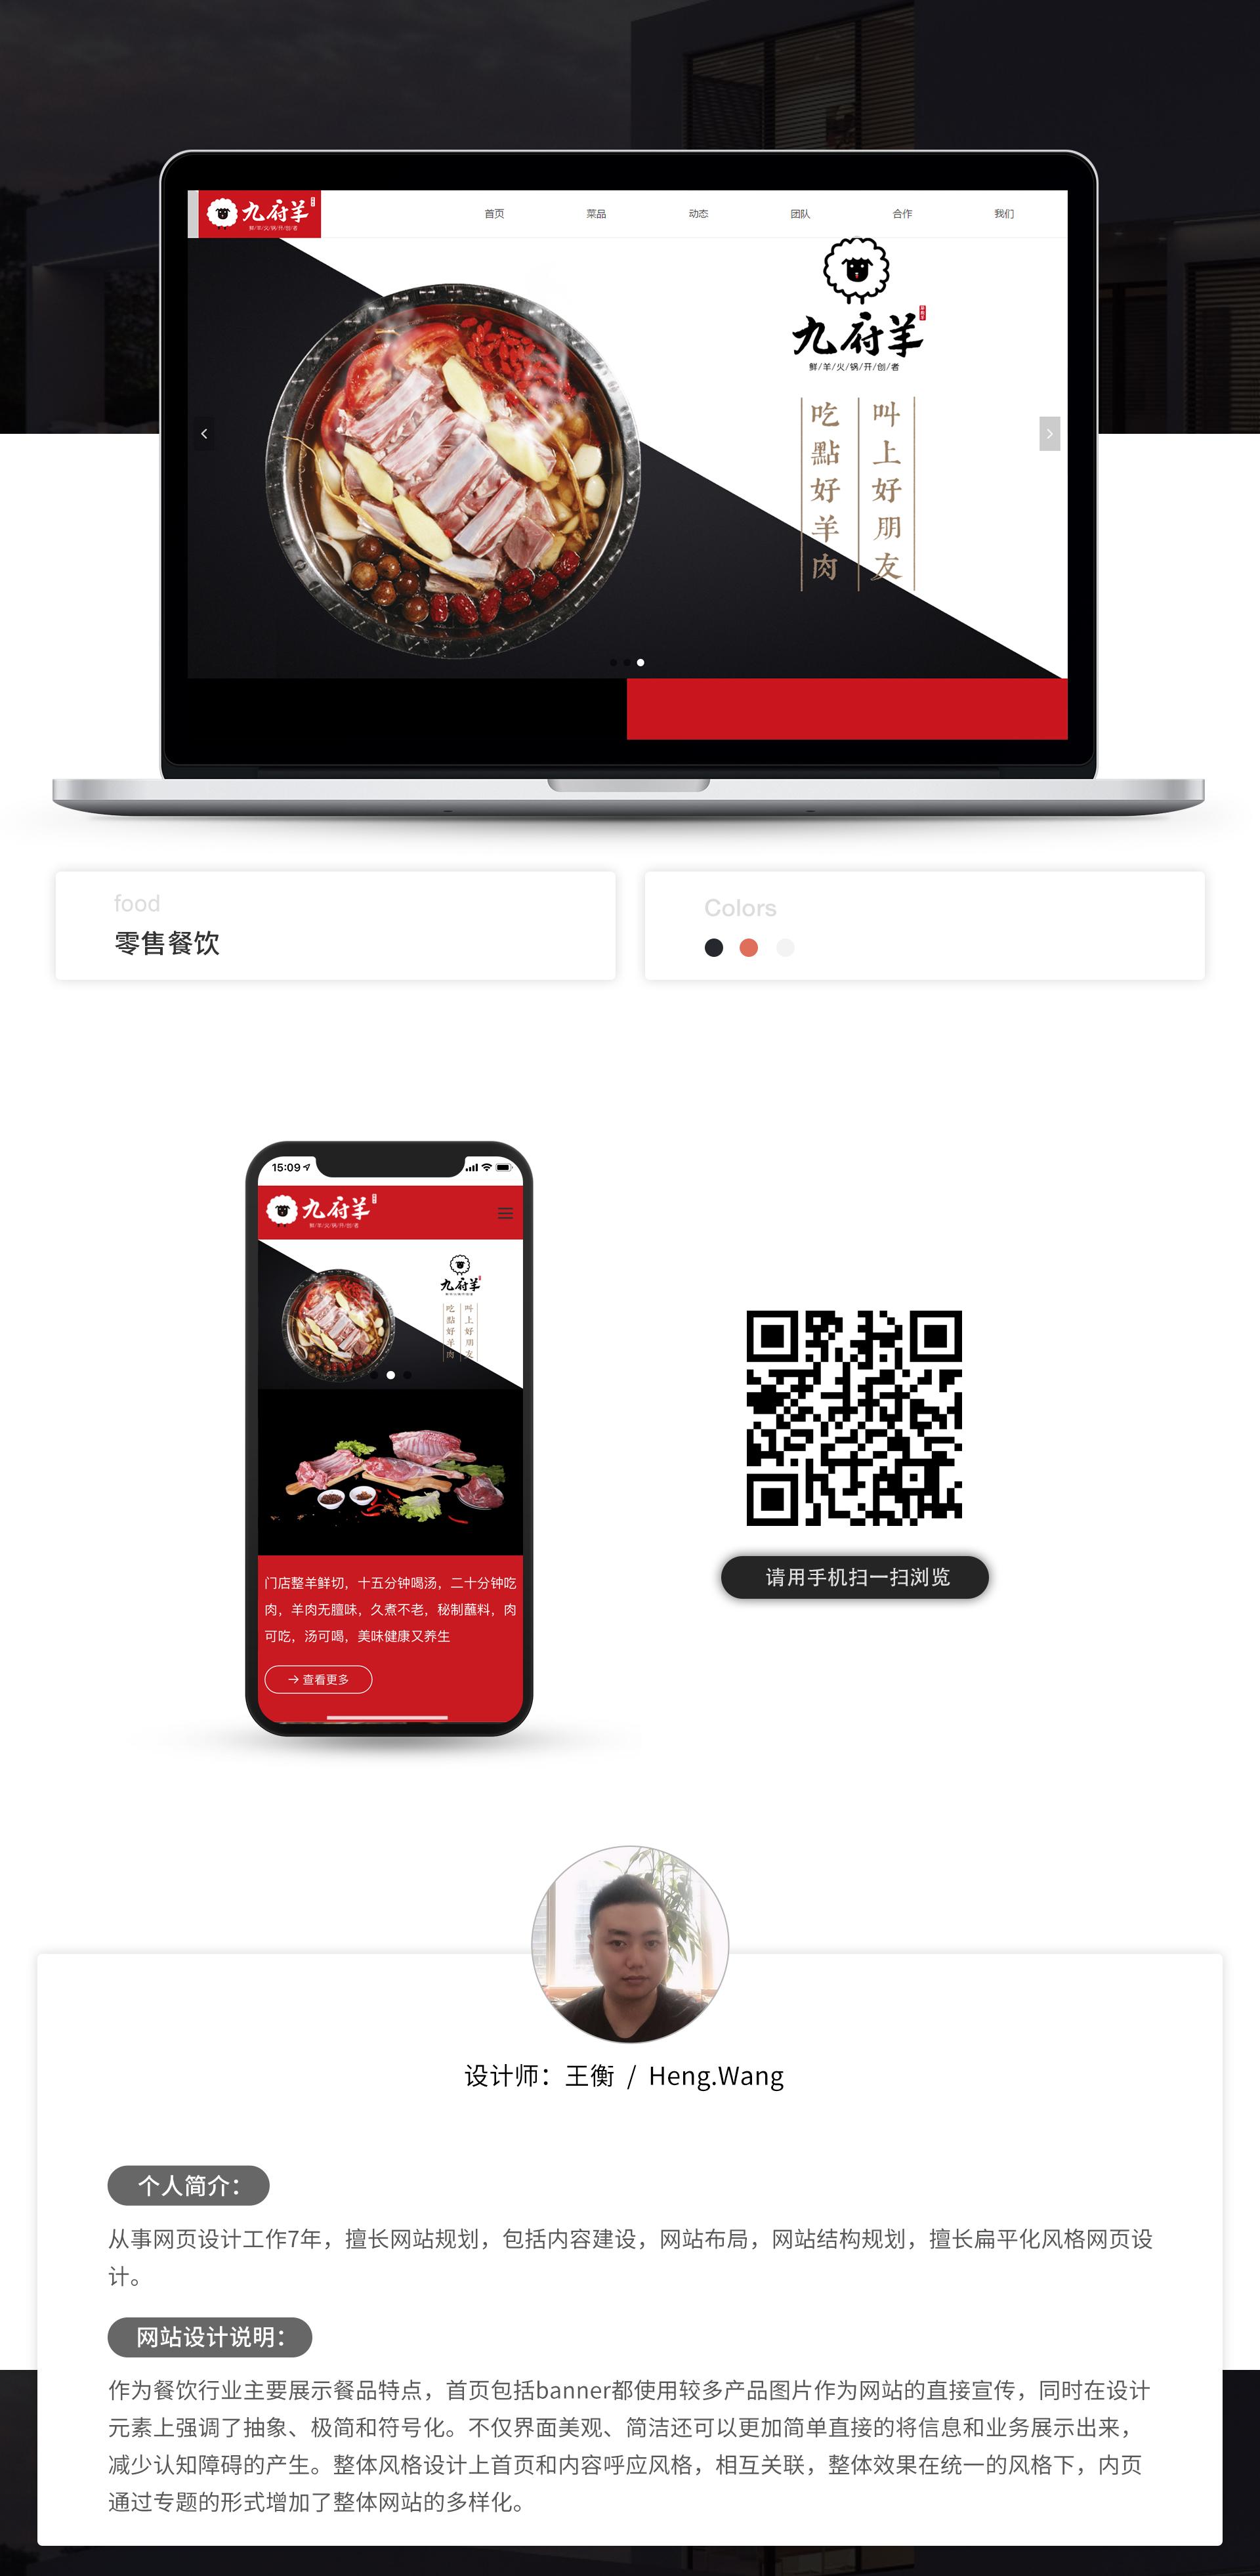 页面-王衡-王衡——北京九府羊餐饮管理有限公司_01